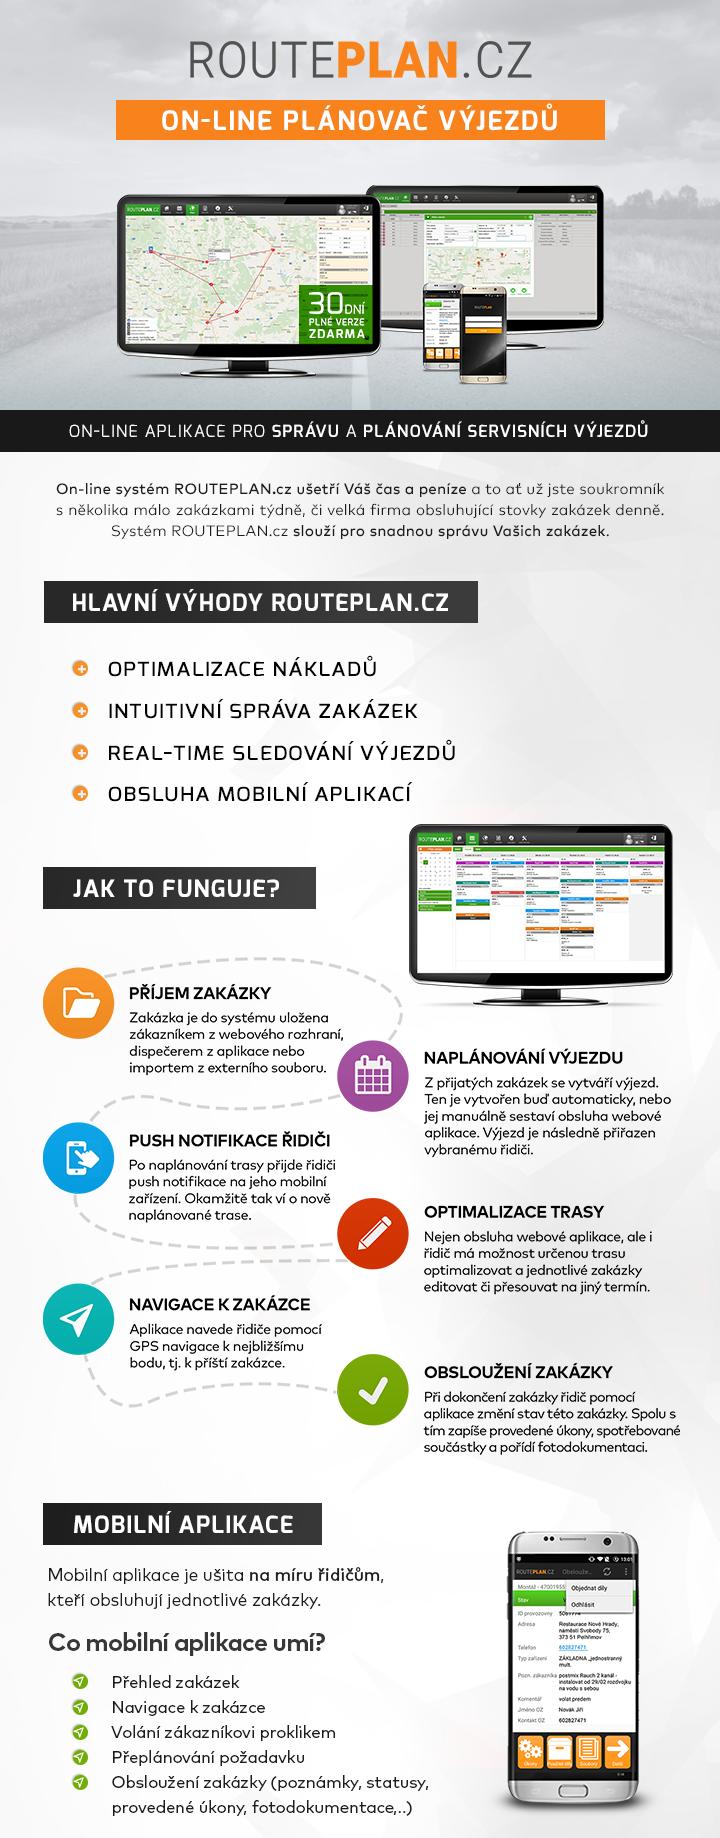 |  On-line plánovač výjezdů Routeplan.cz  |